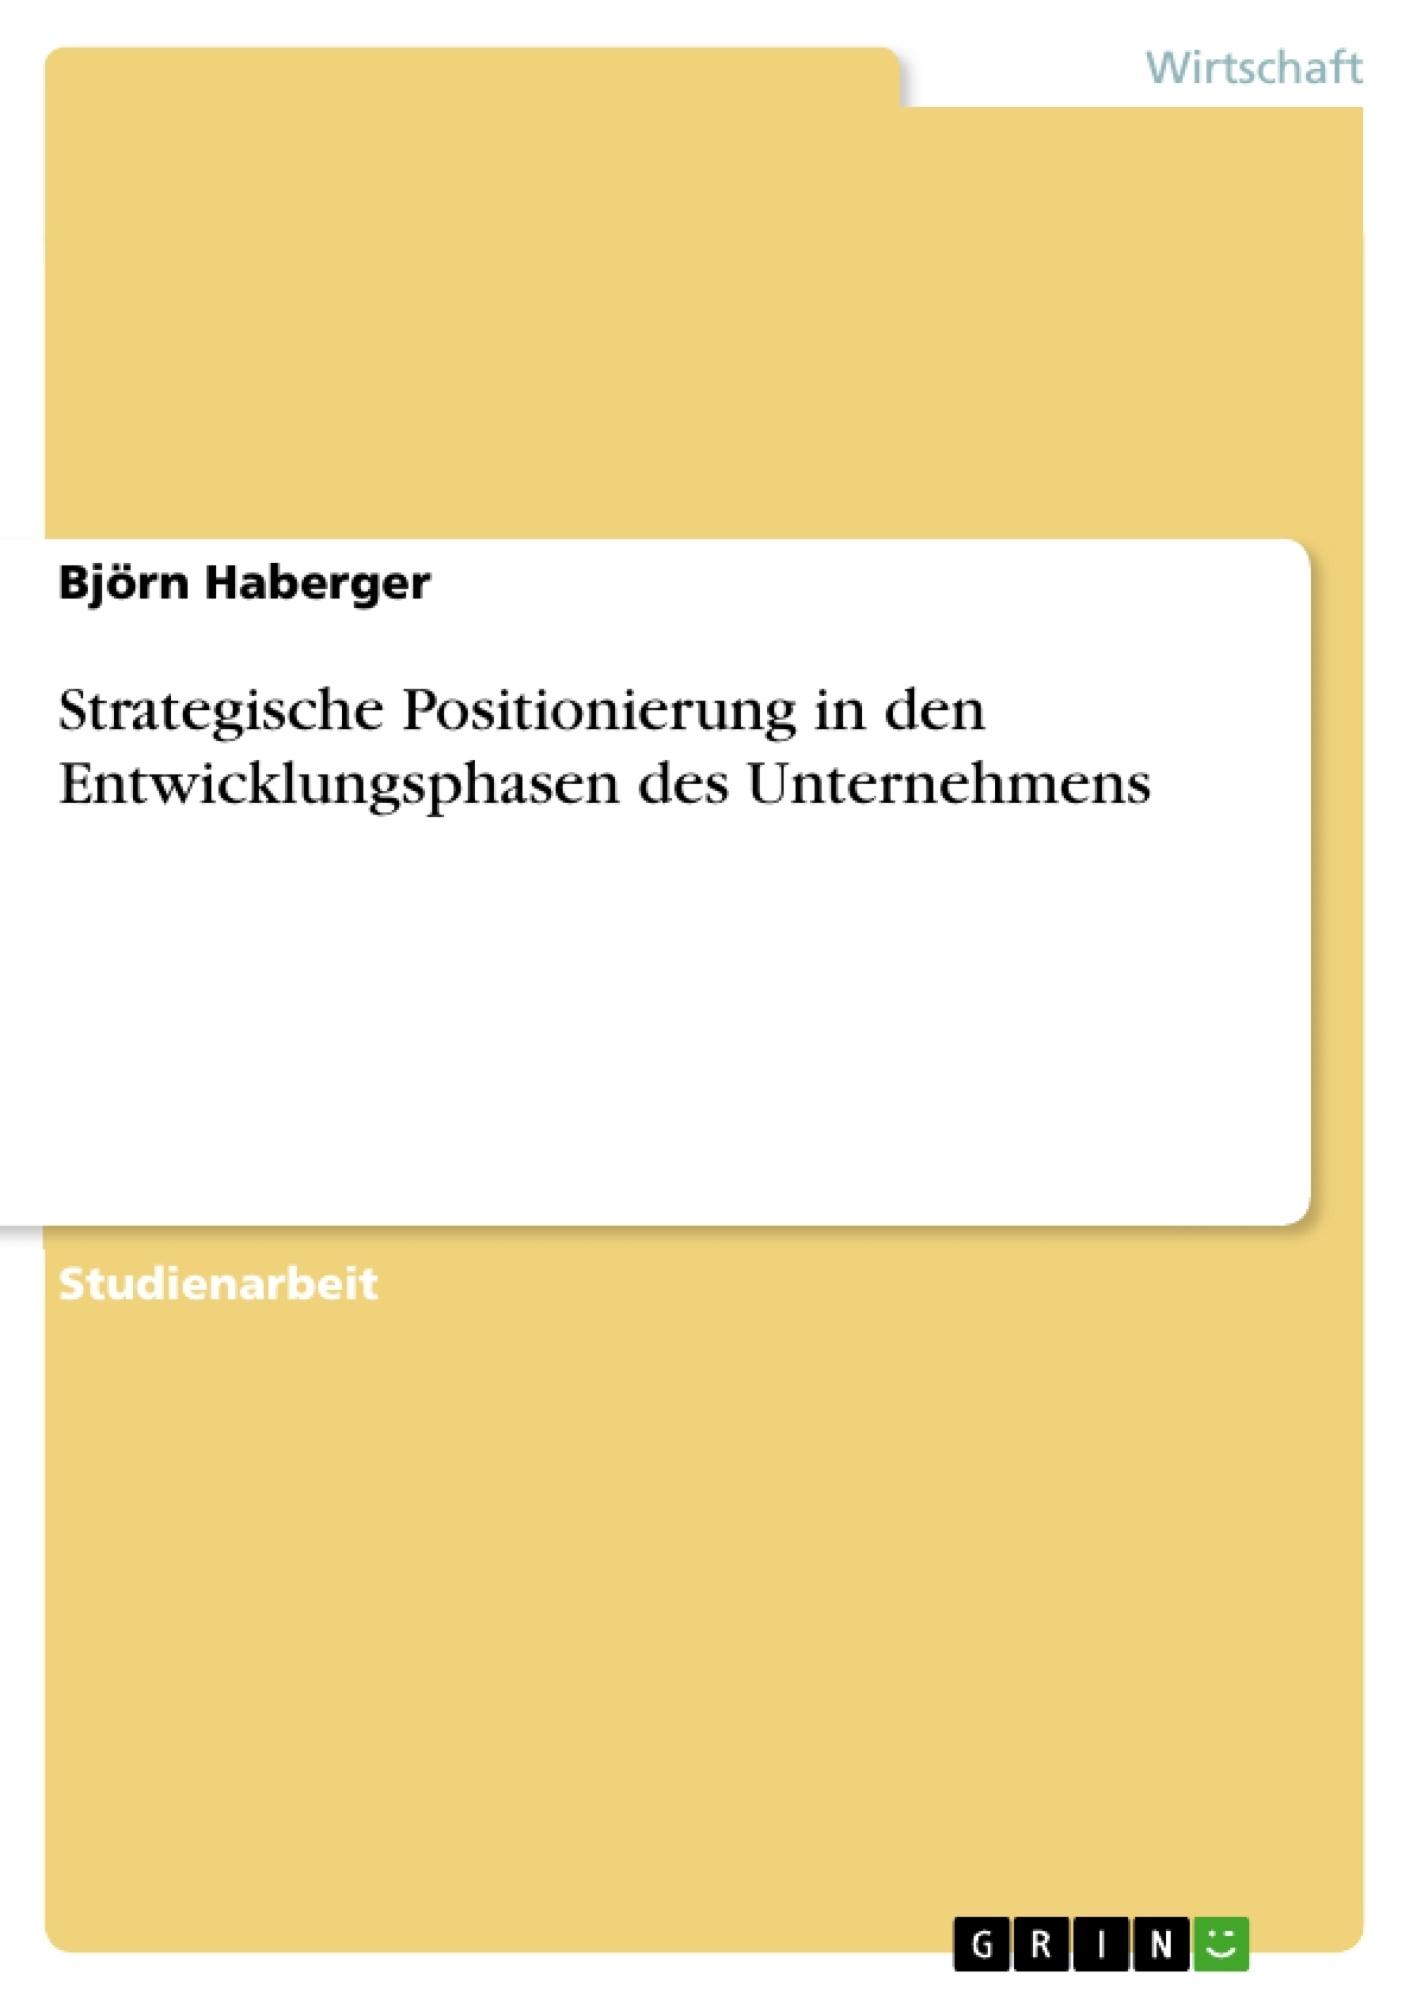 Titel: Strategische Positionierung in den Entwicklungsphasen des Unternehmens